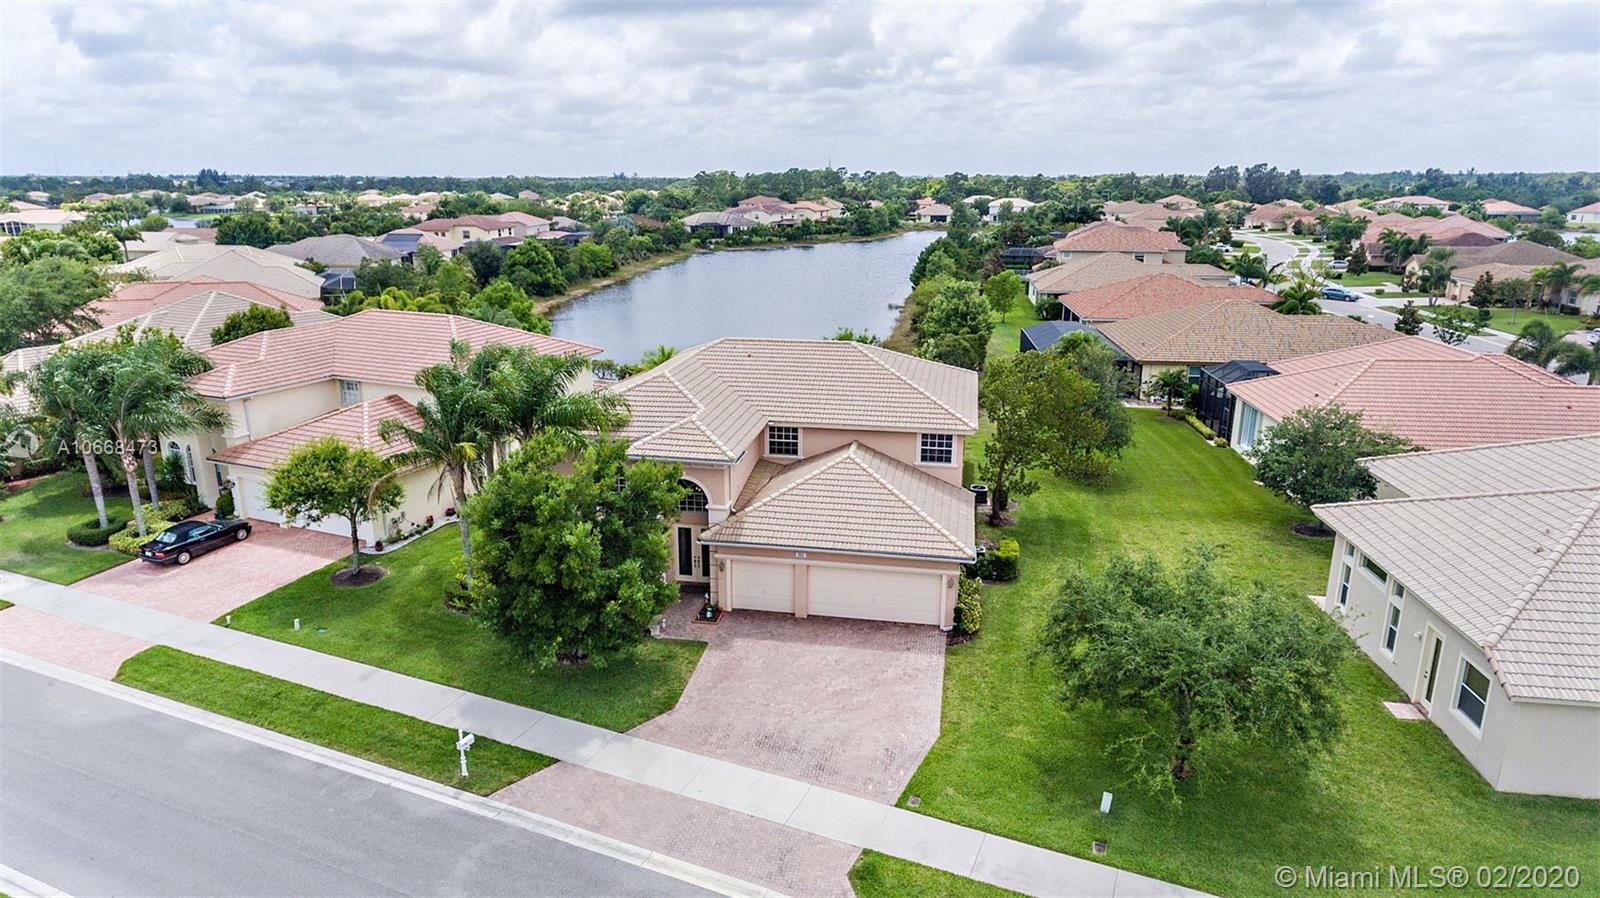 1553 SE Conference Circle, Stuart, FL 34997 - Stuart, FL real estate listing